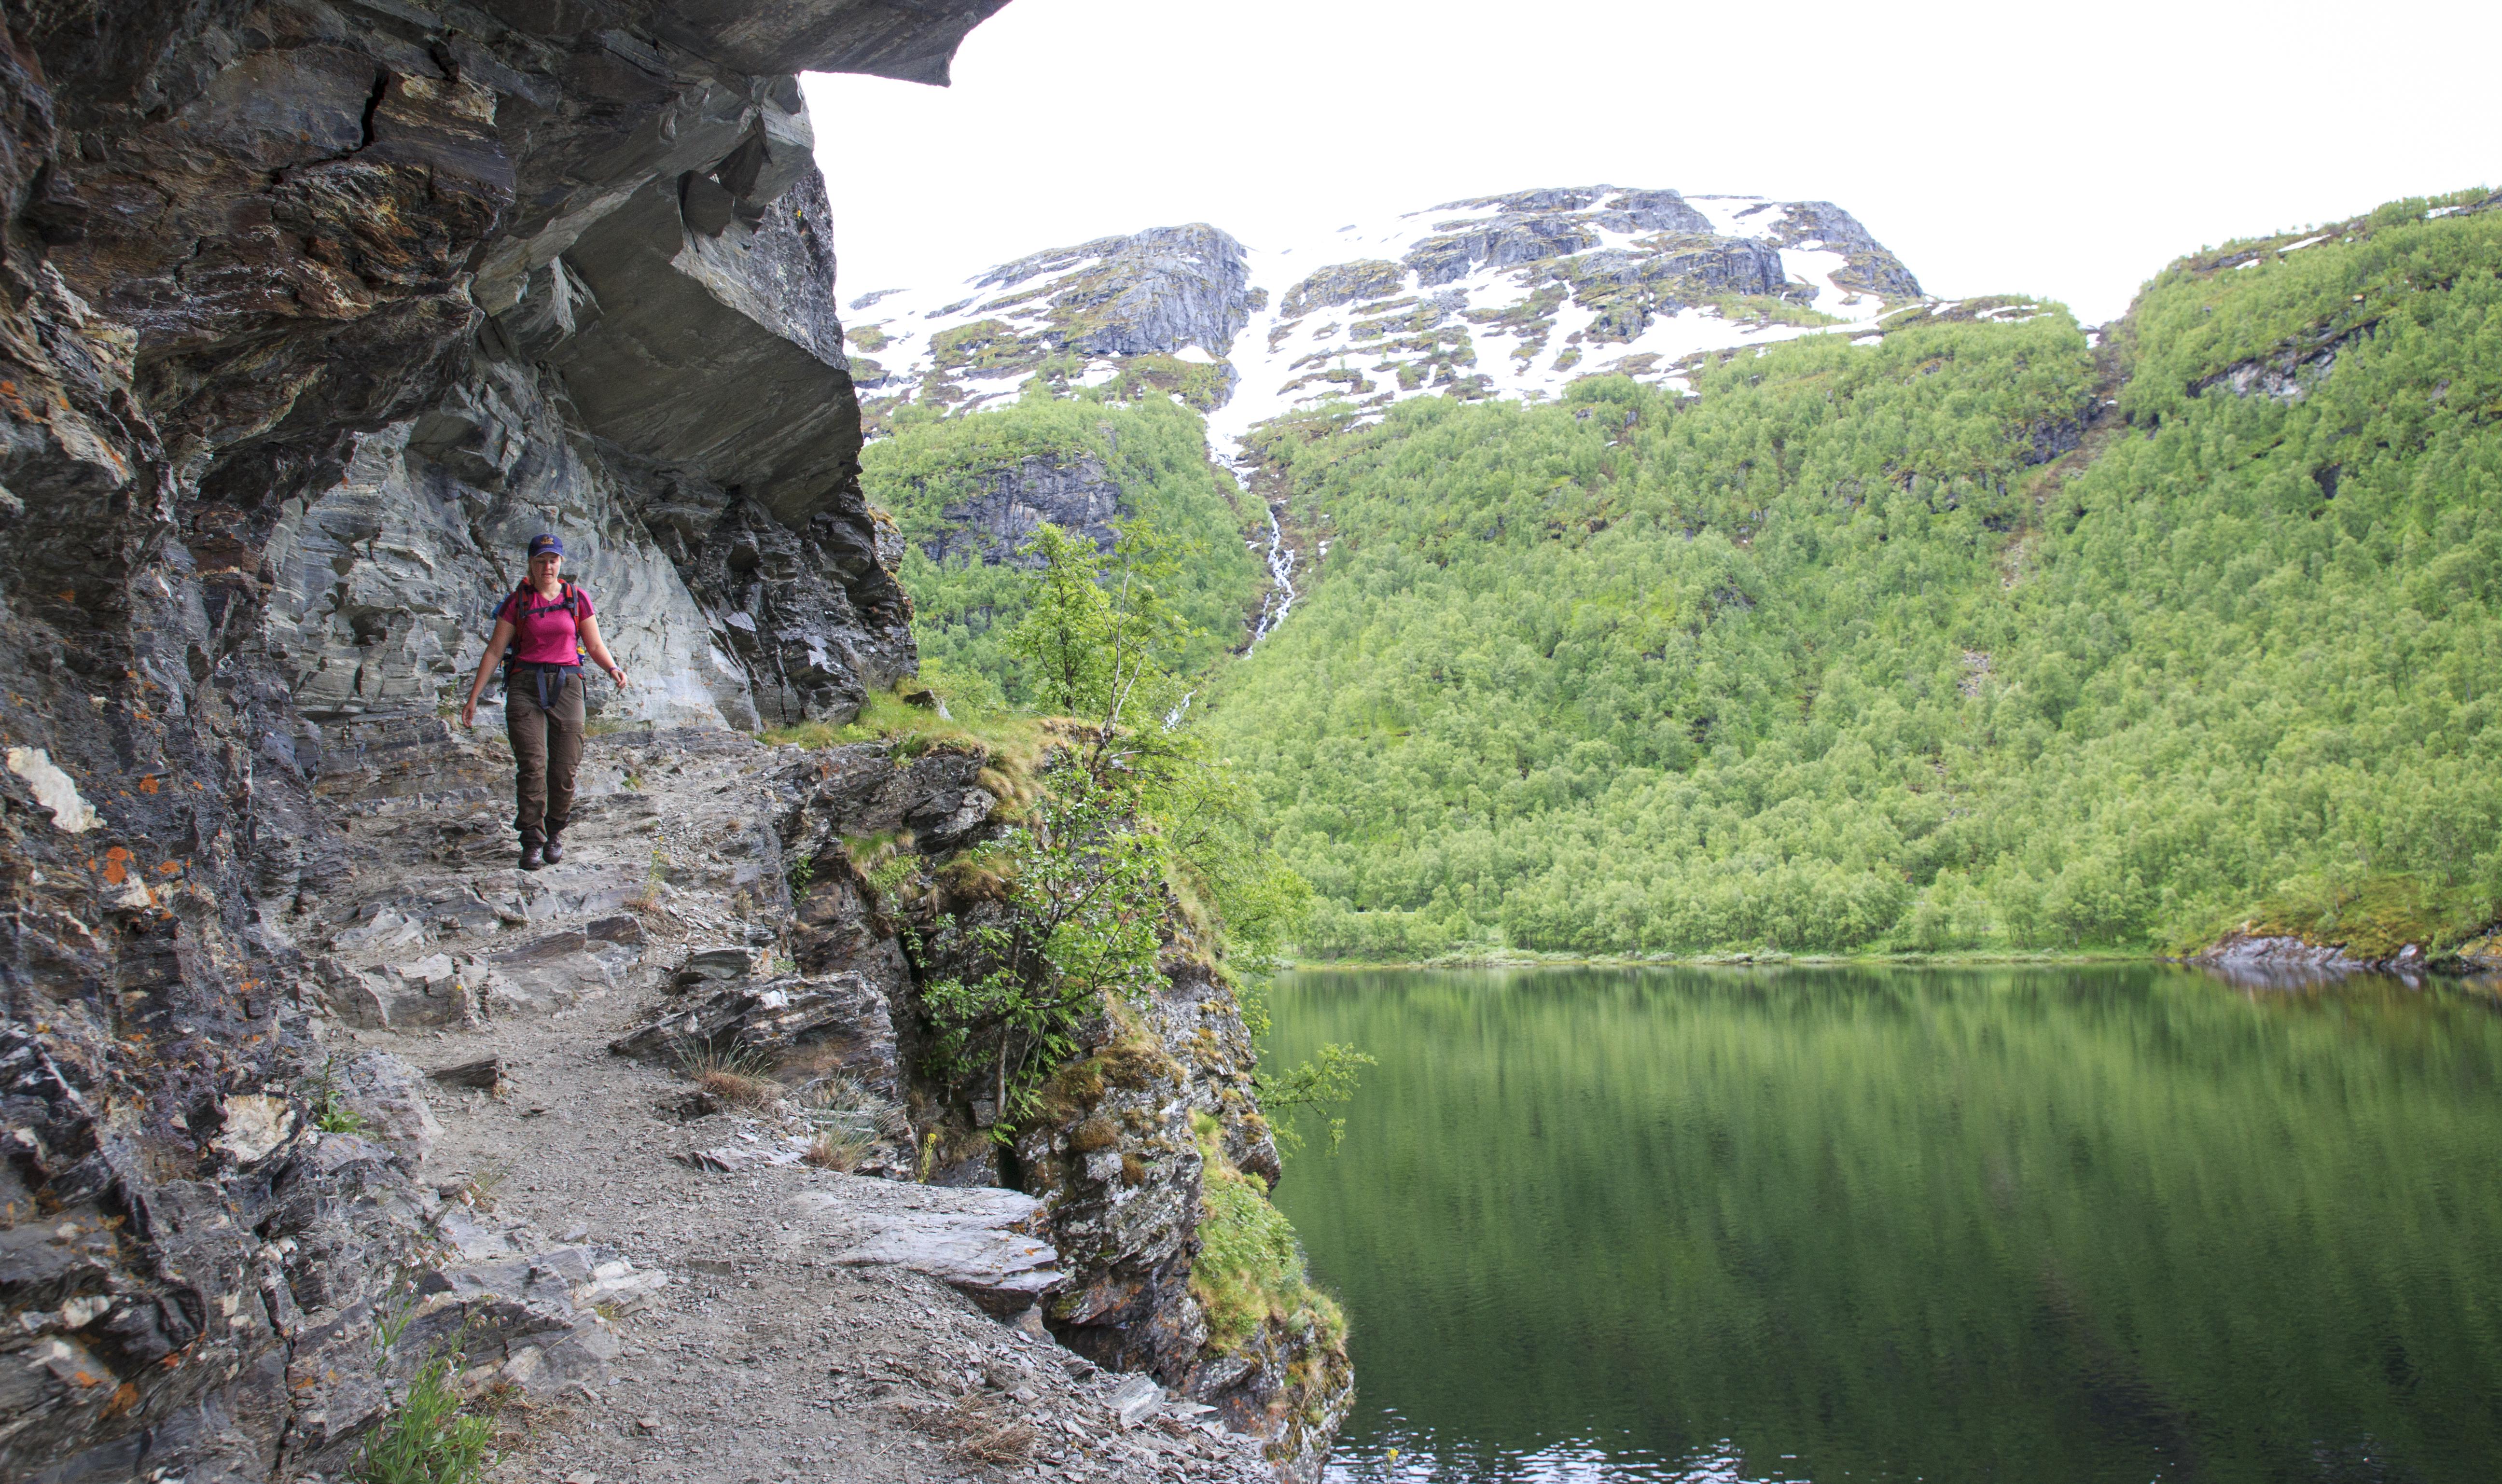 fjell fra Aurlandsdalen til fjord 55 rBeCxWdo